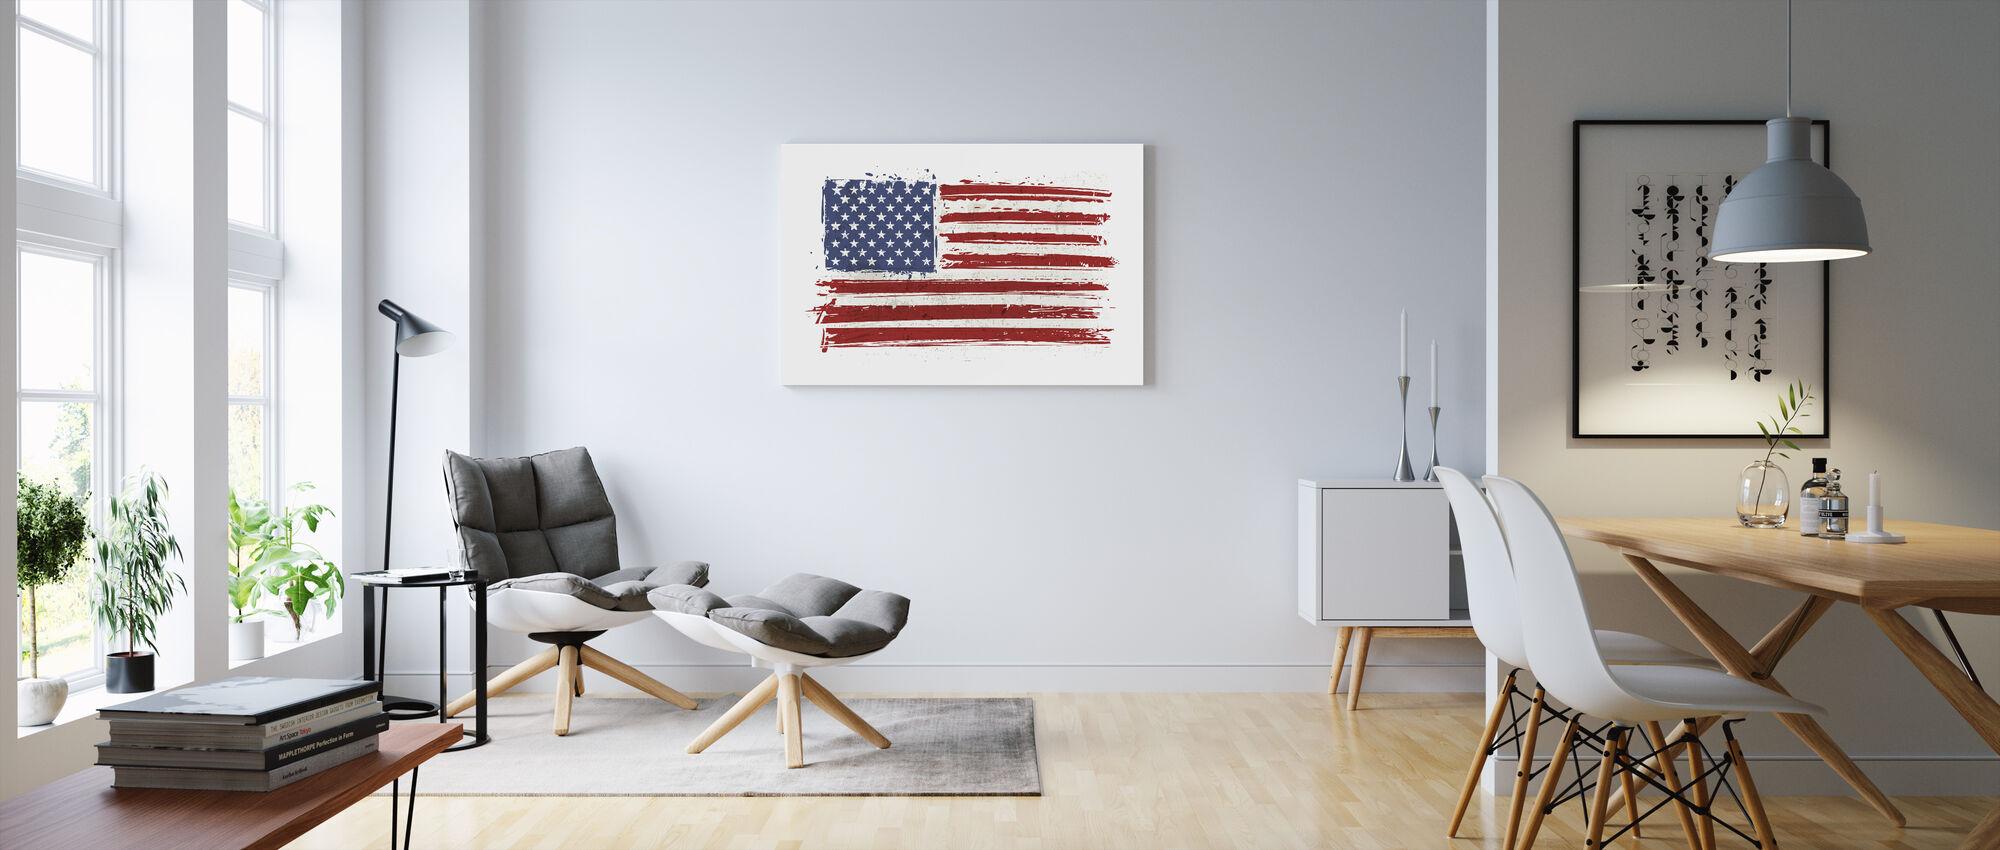 Flag USA - Canvas print - Living Room